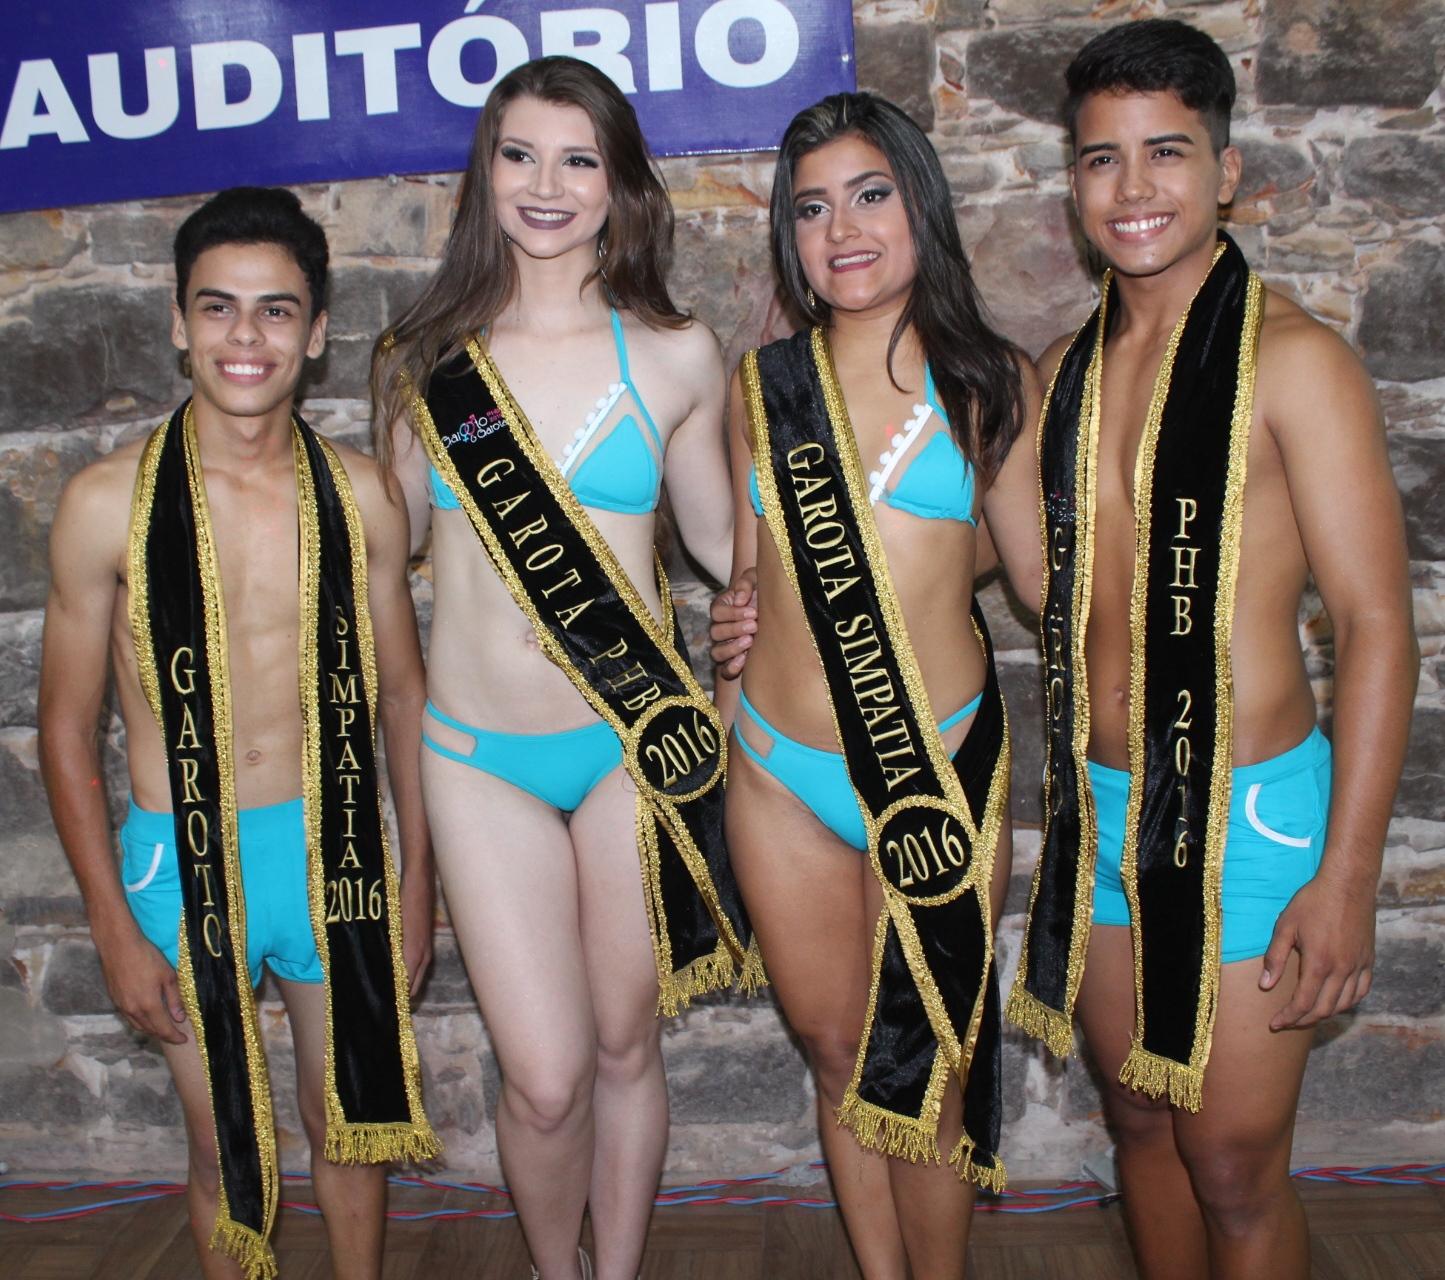 Veronica Luz e Vitor Oliveira são eleitos a Garota & Garoto PHB 2016